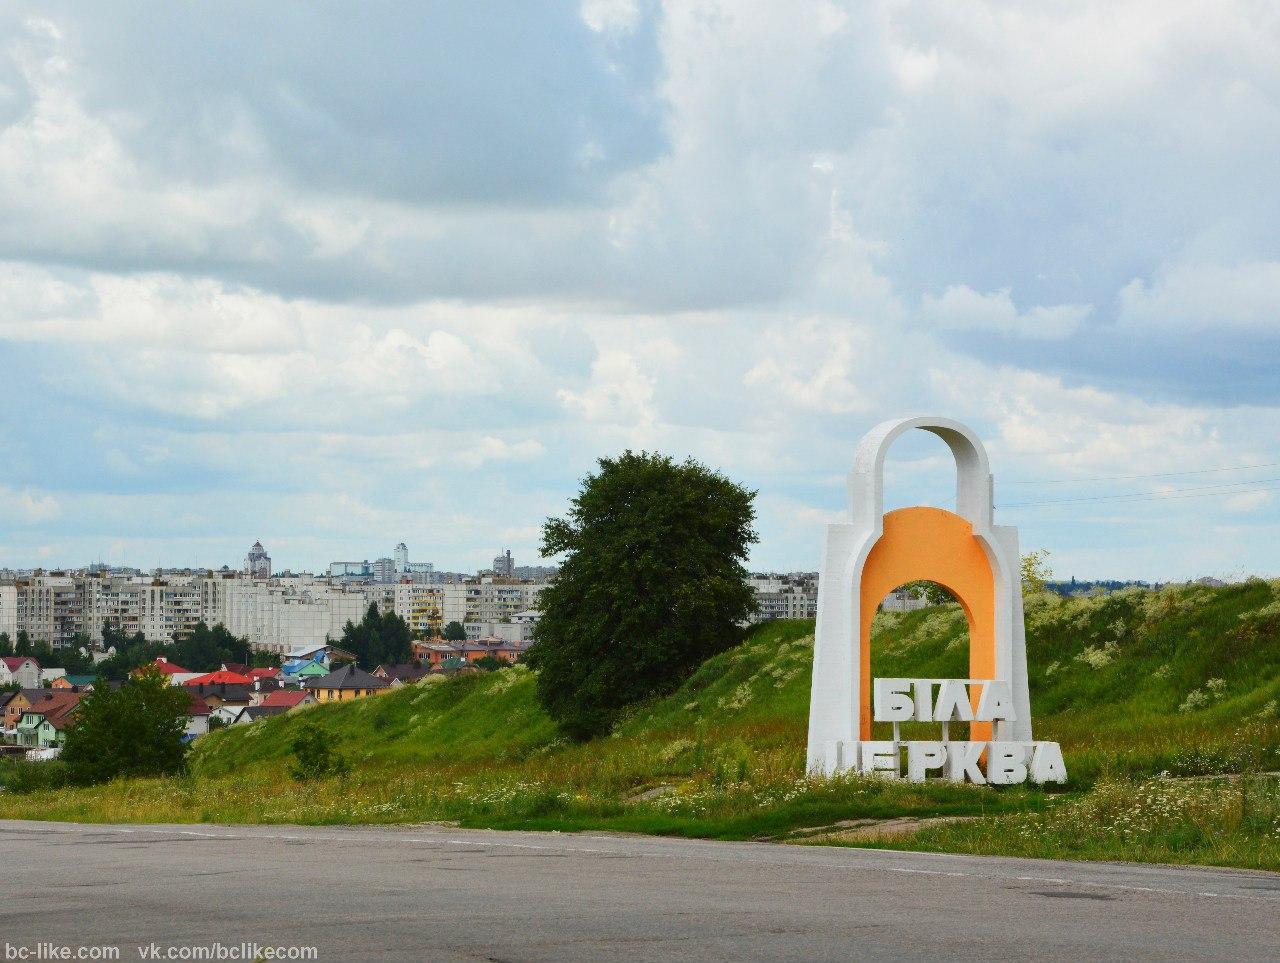 Фото: Мои фотографии г. Белая Церковь